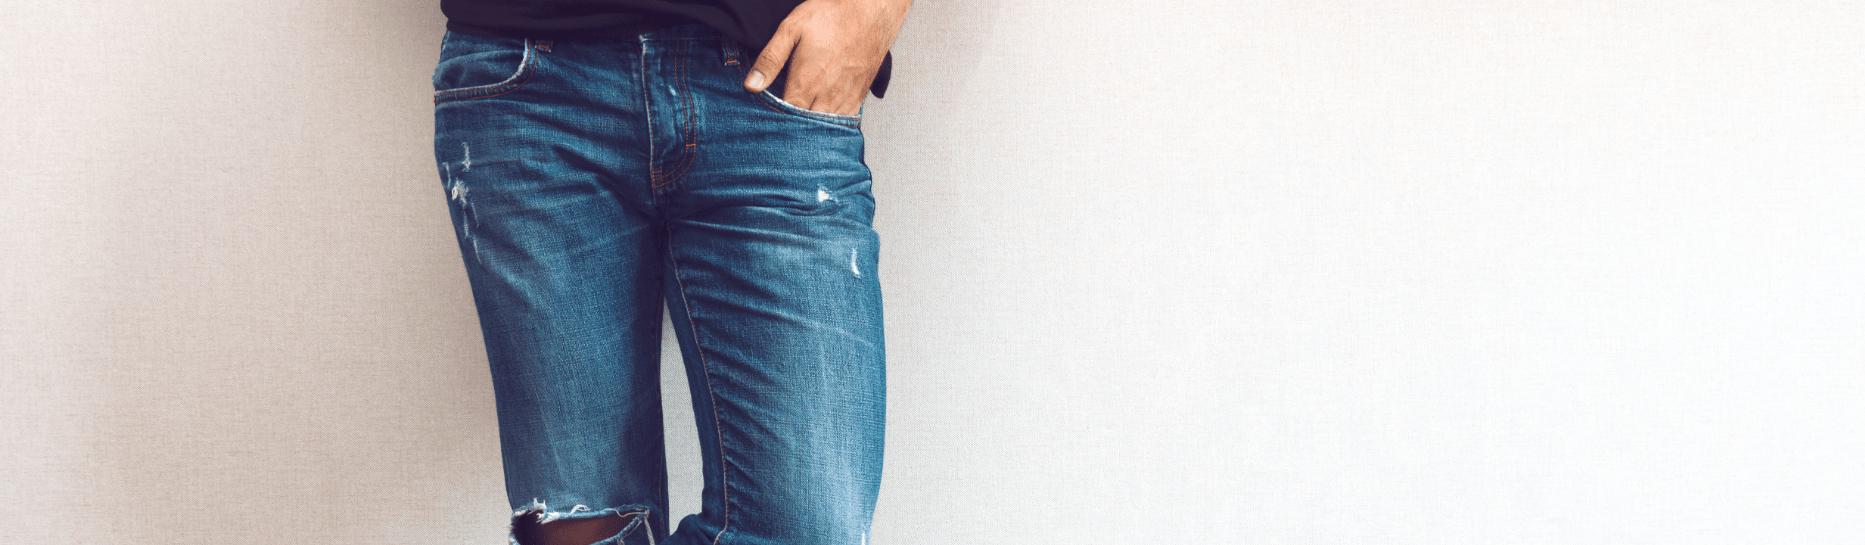 Jeans von COLORADO DENIM für Männer günstig online kaufen